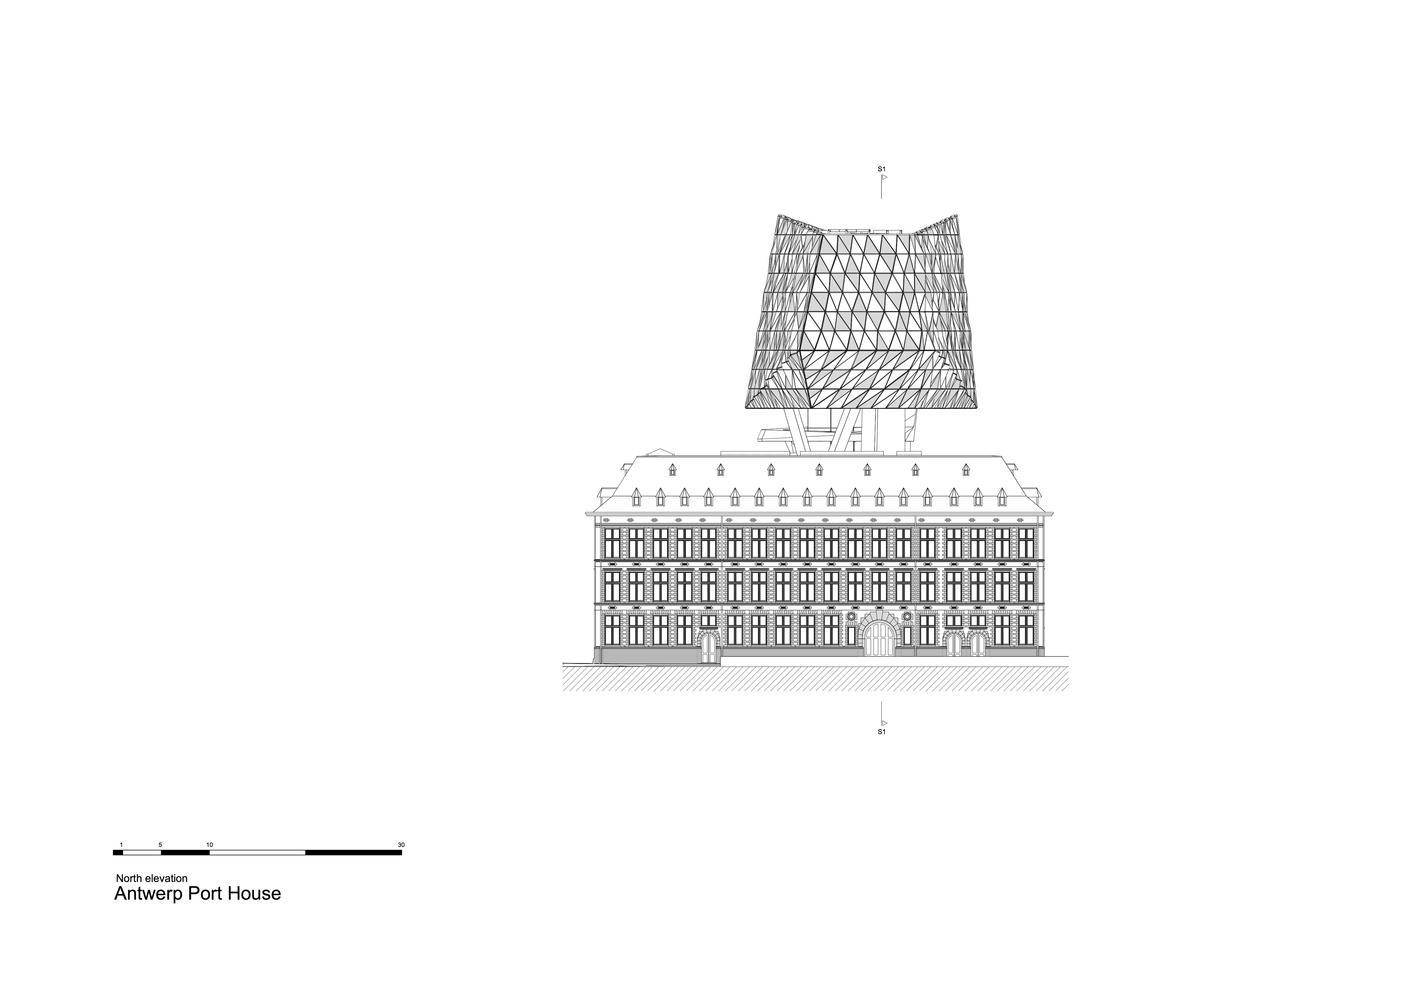 ZHA_Port_House_Antwerp_NORTH_ELEVATION